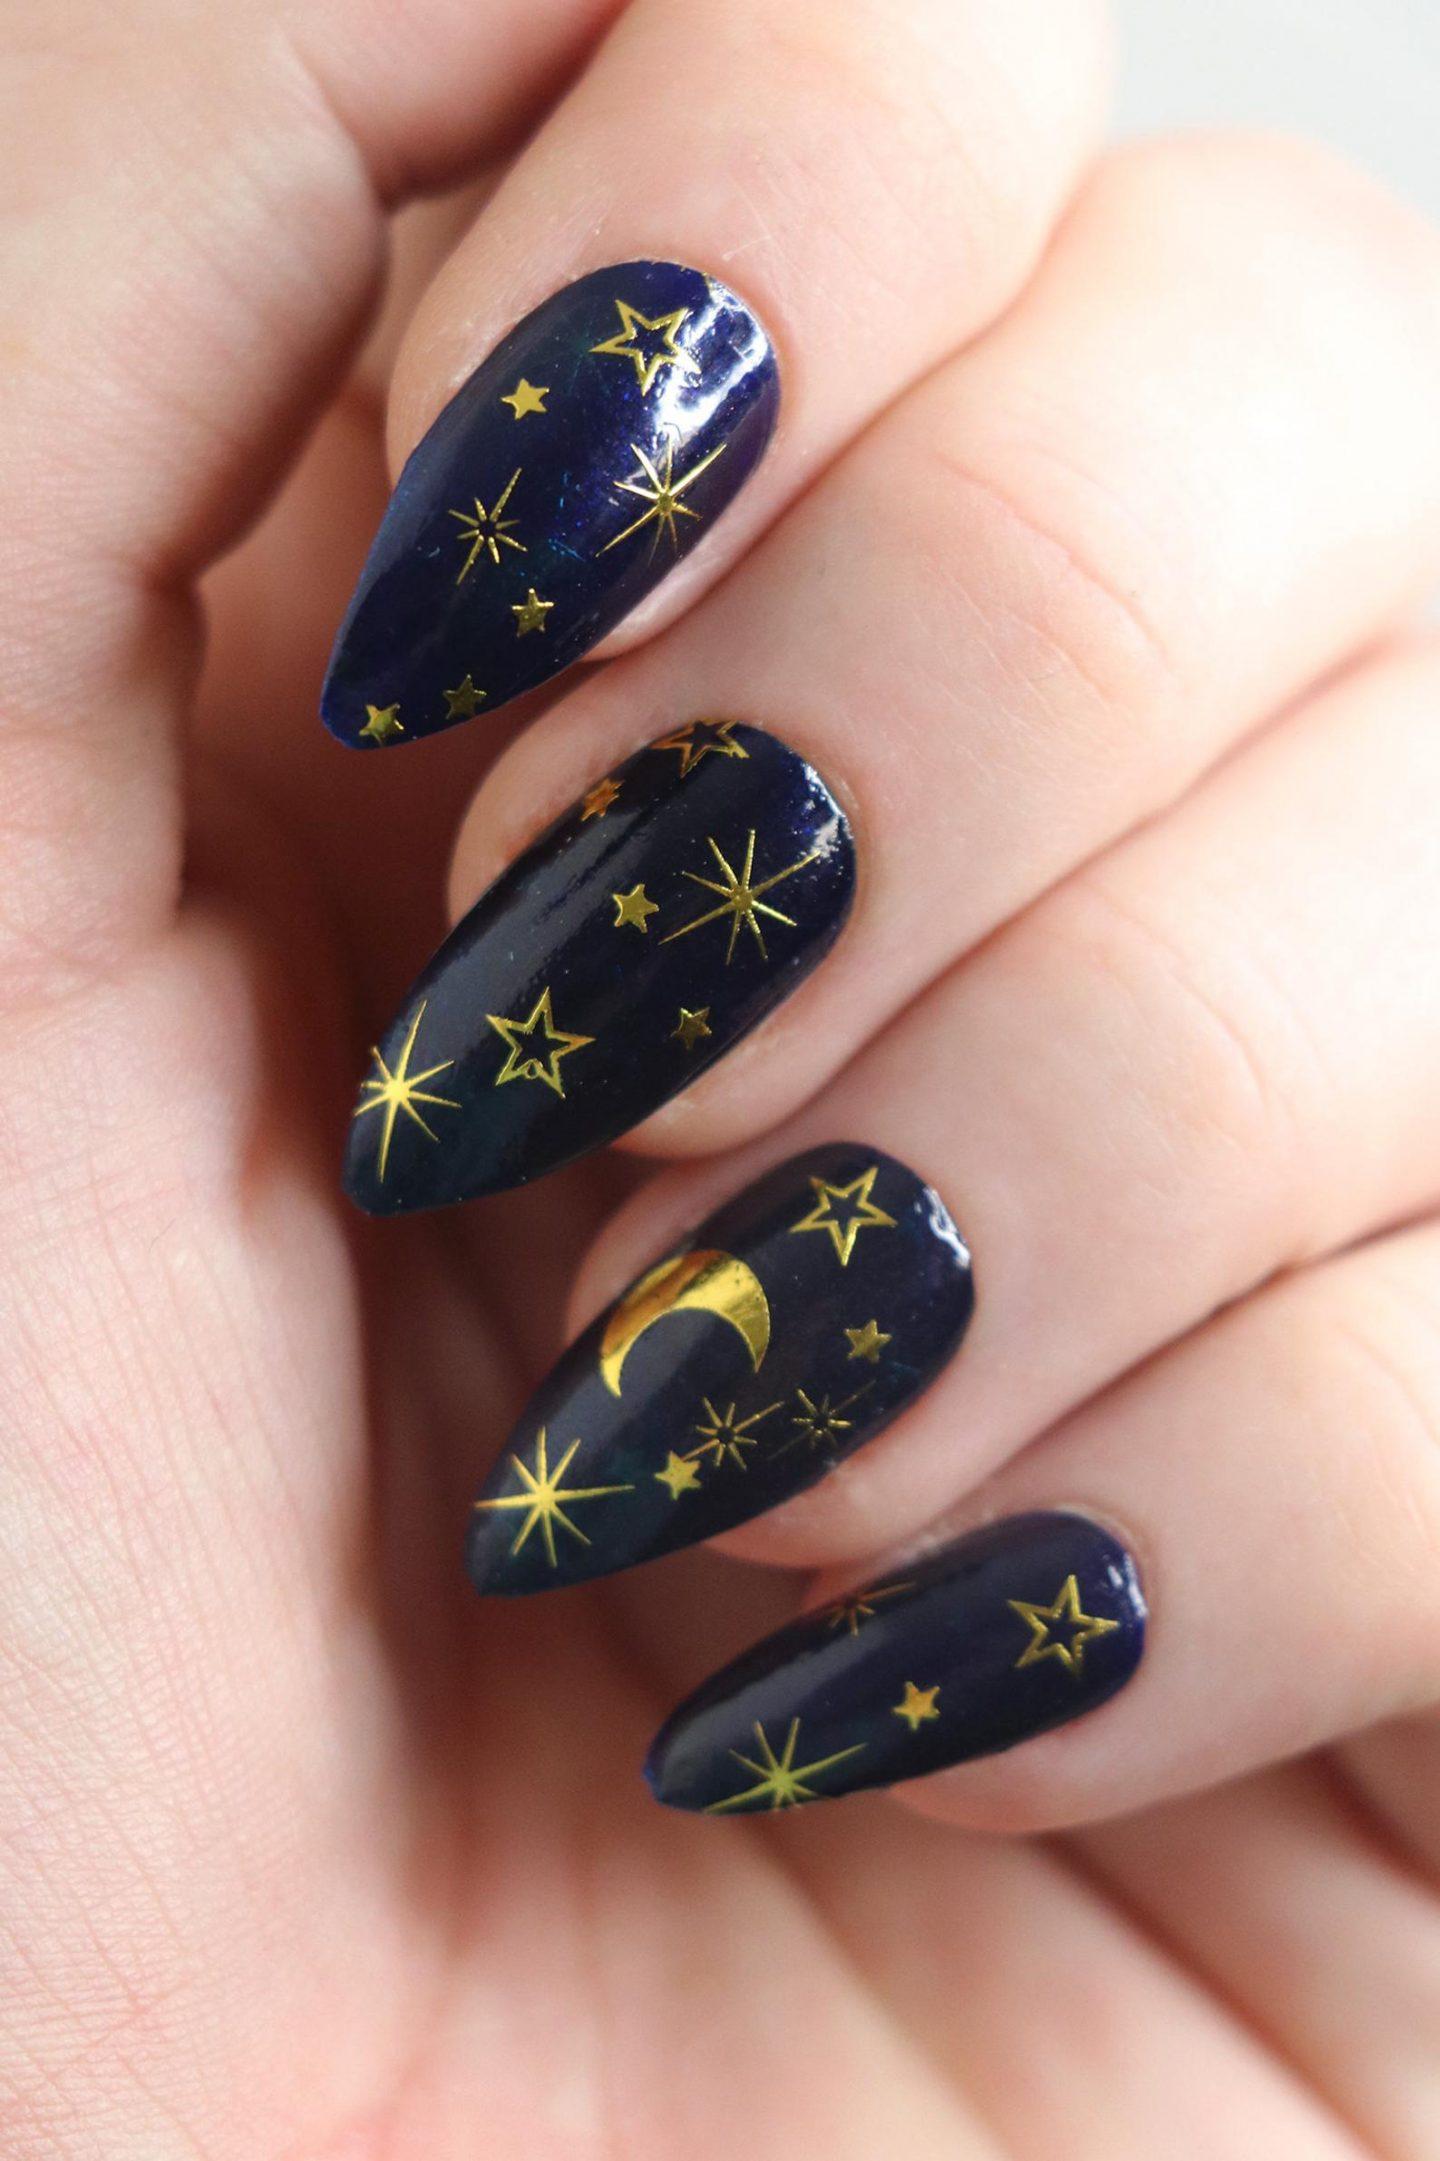 Black nails with gold moon and stars nail art